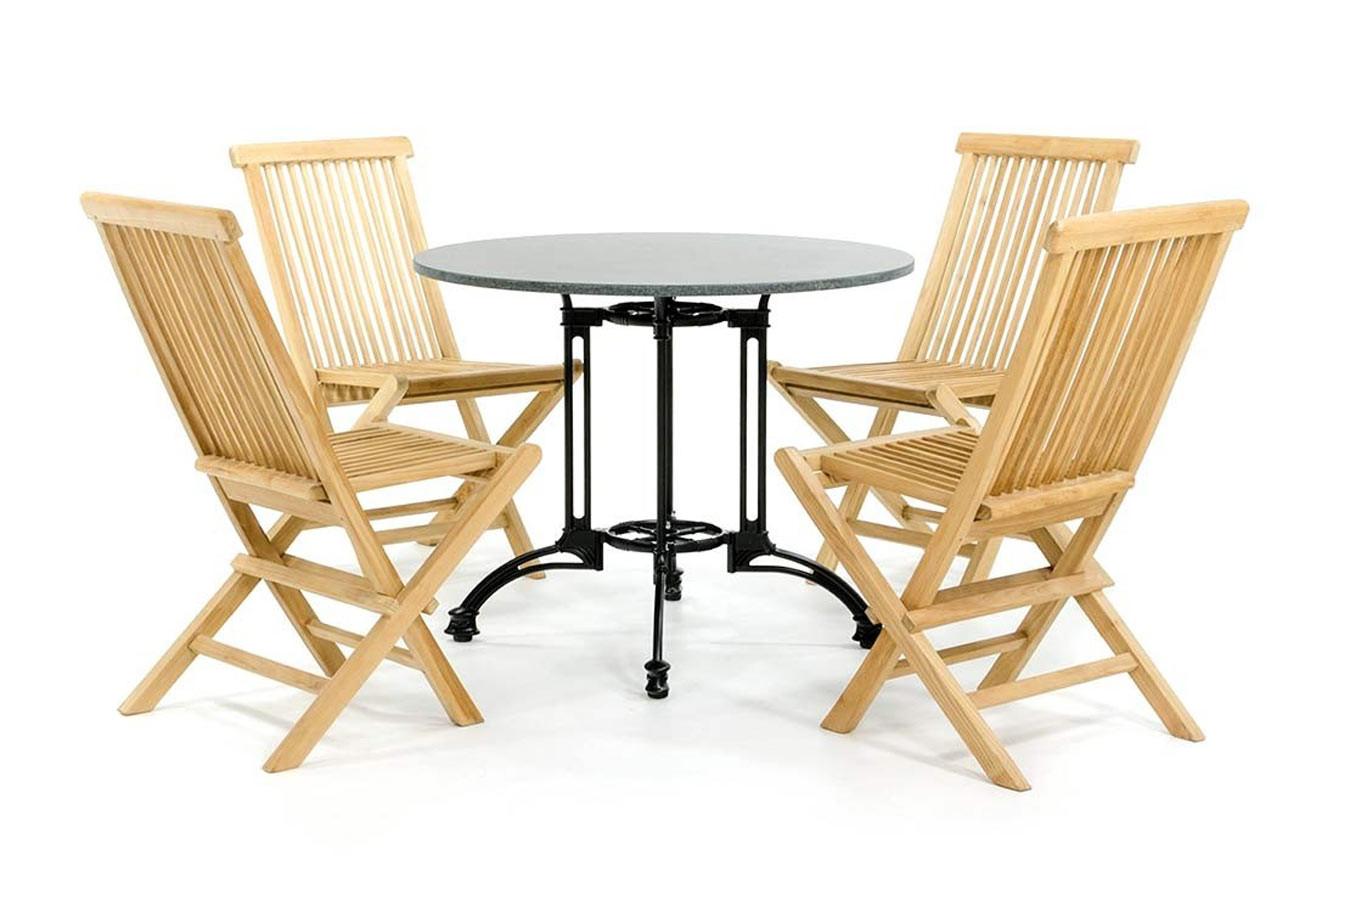 Granieten bistroset met 4 houten stoelen